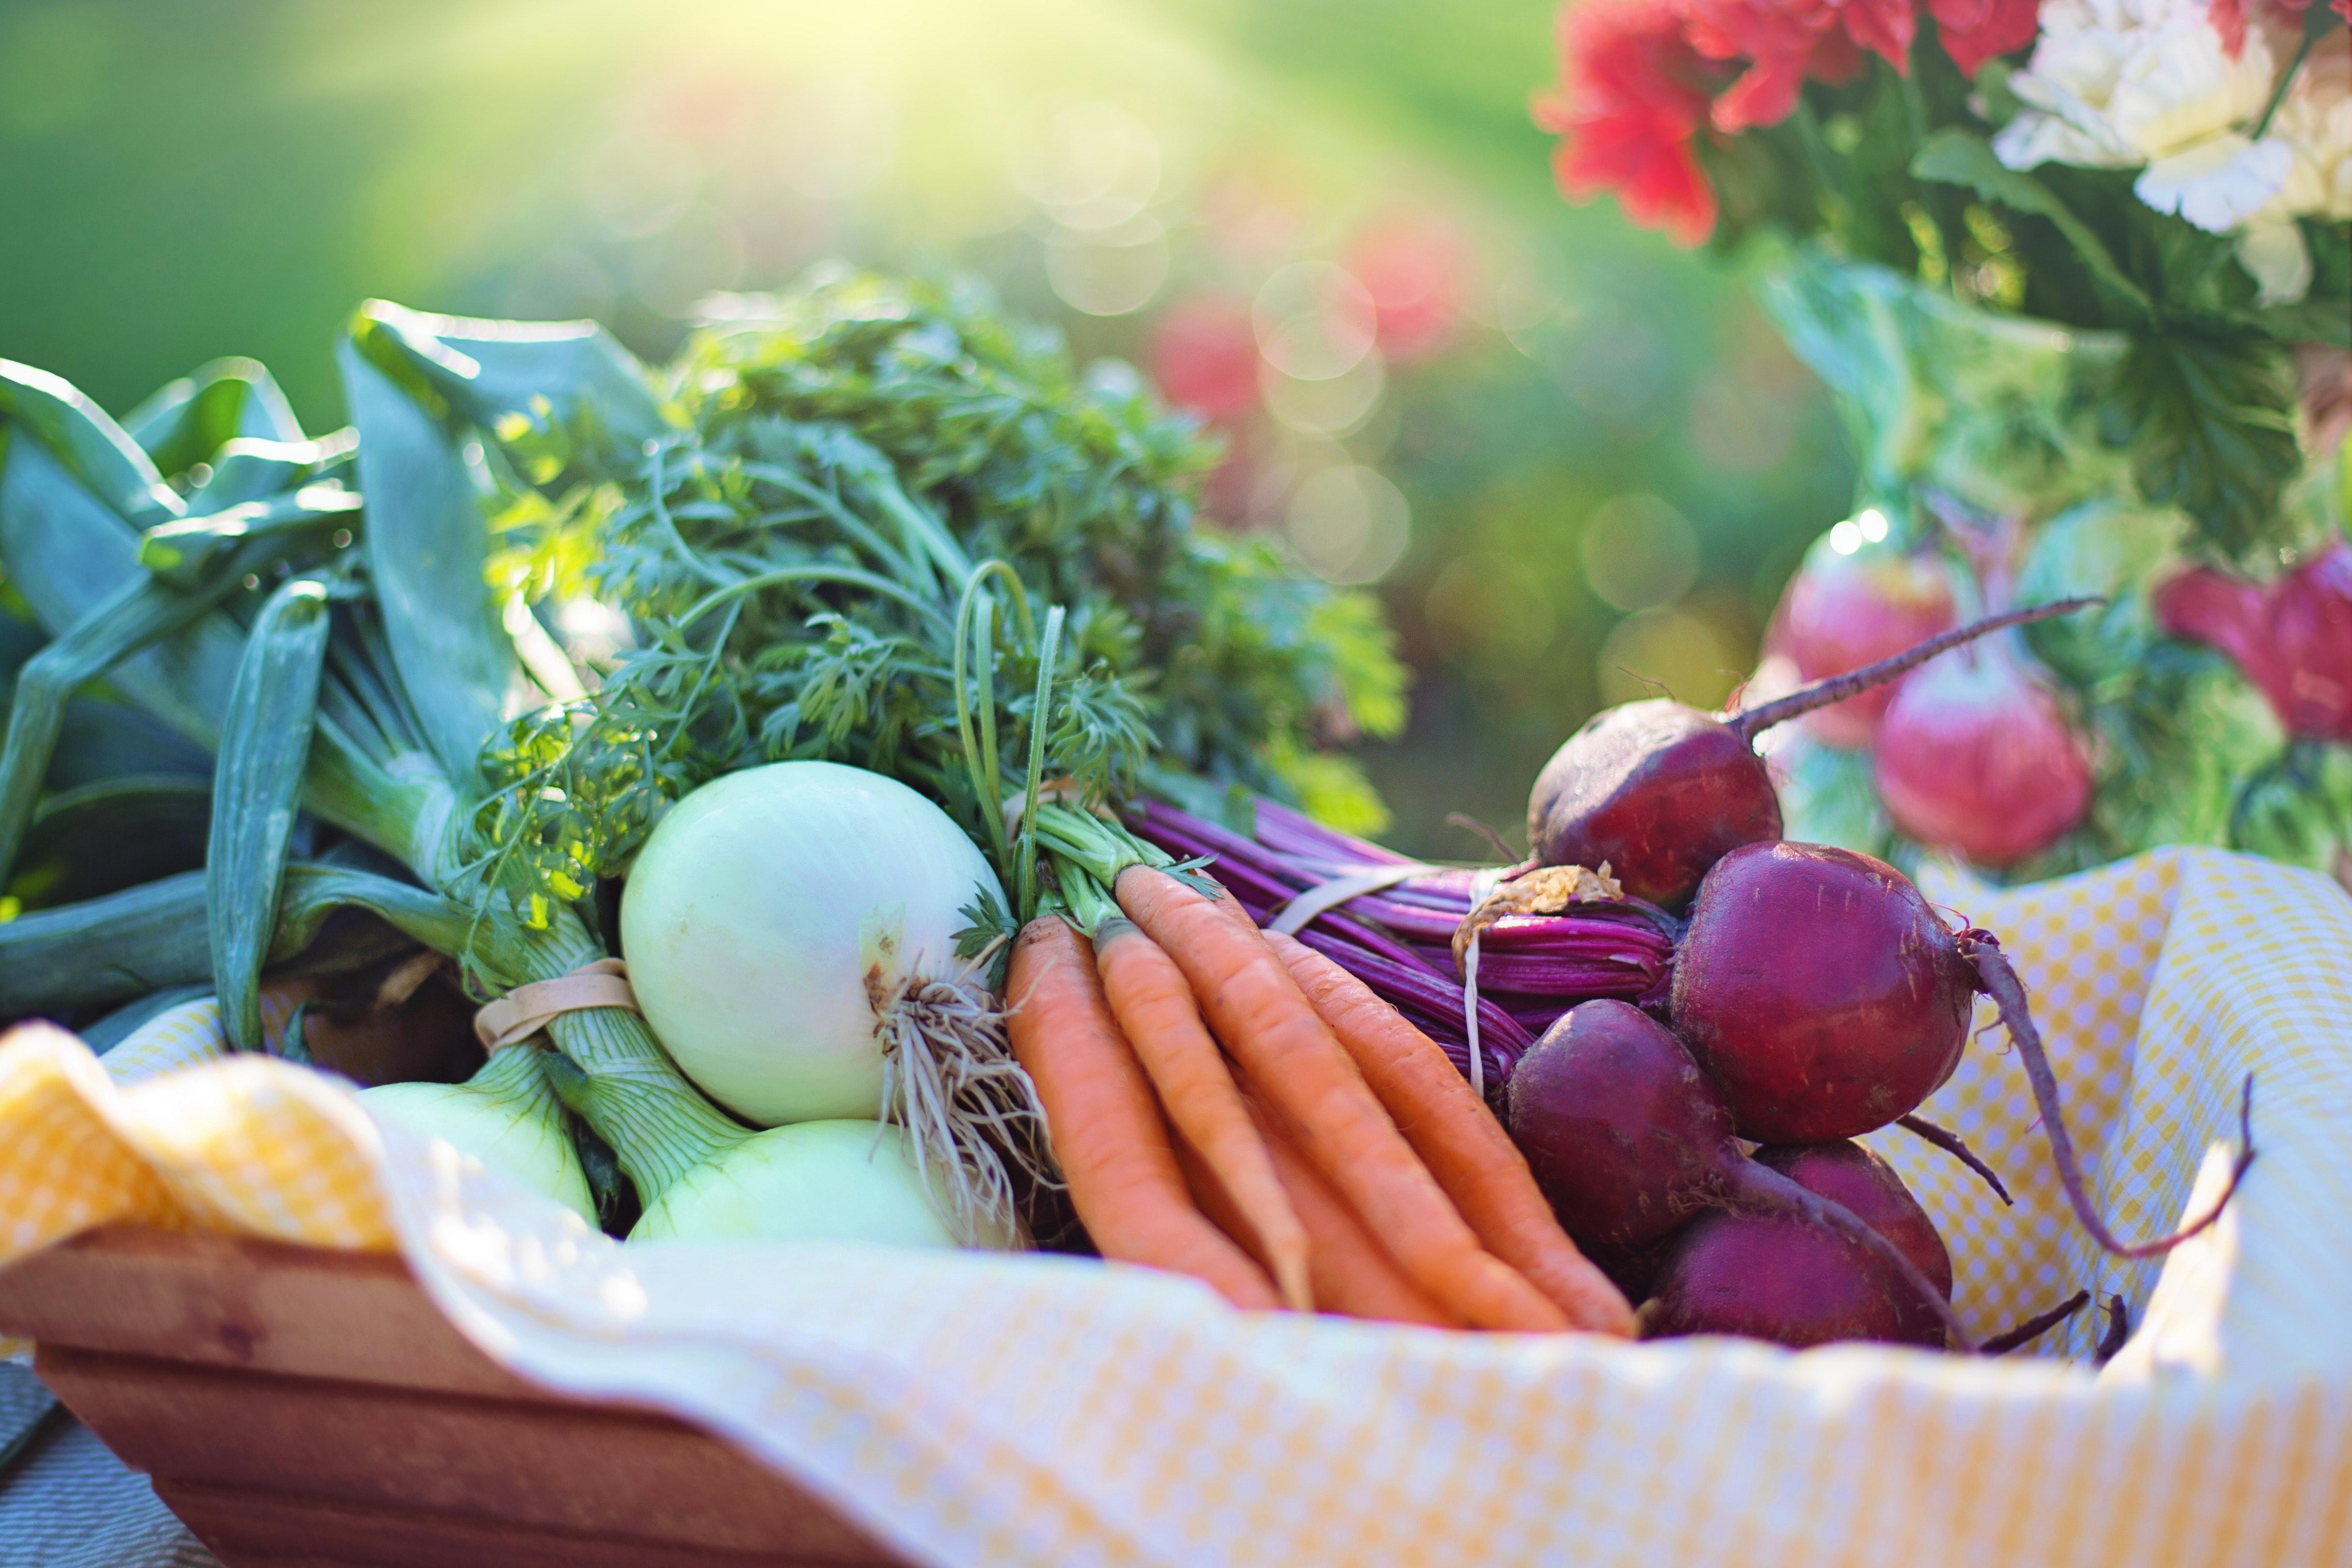 Shop Smart at Farmers' Markets